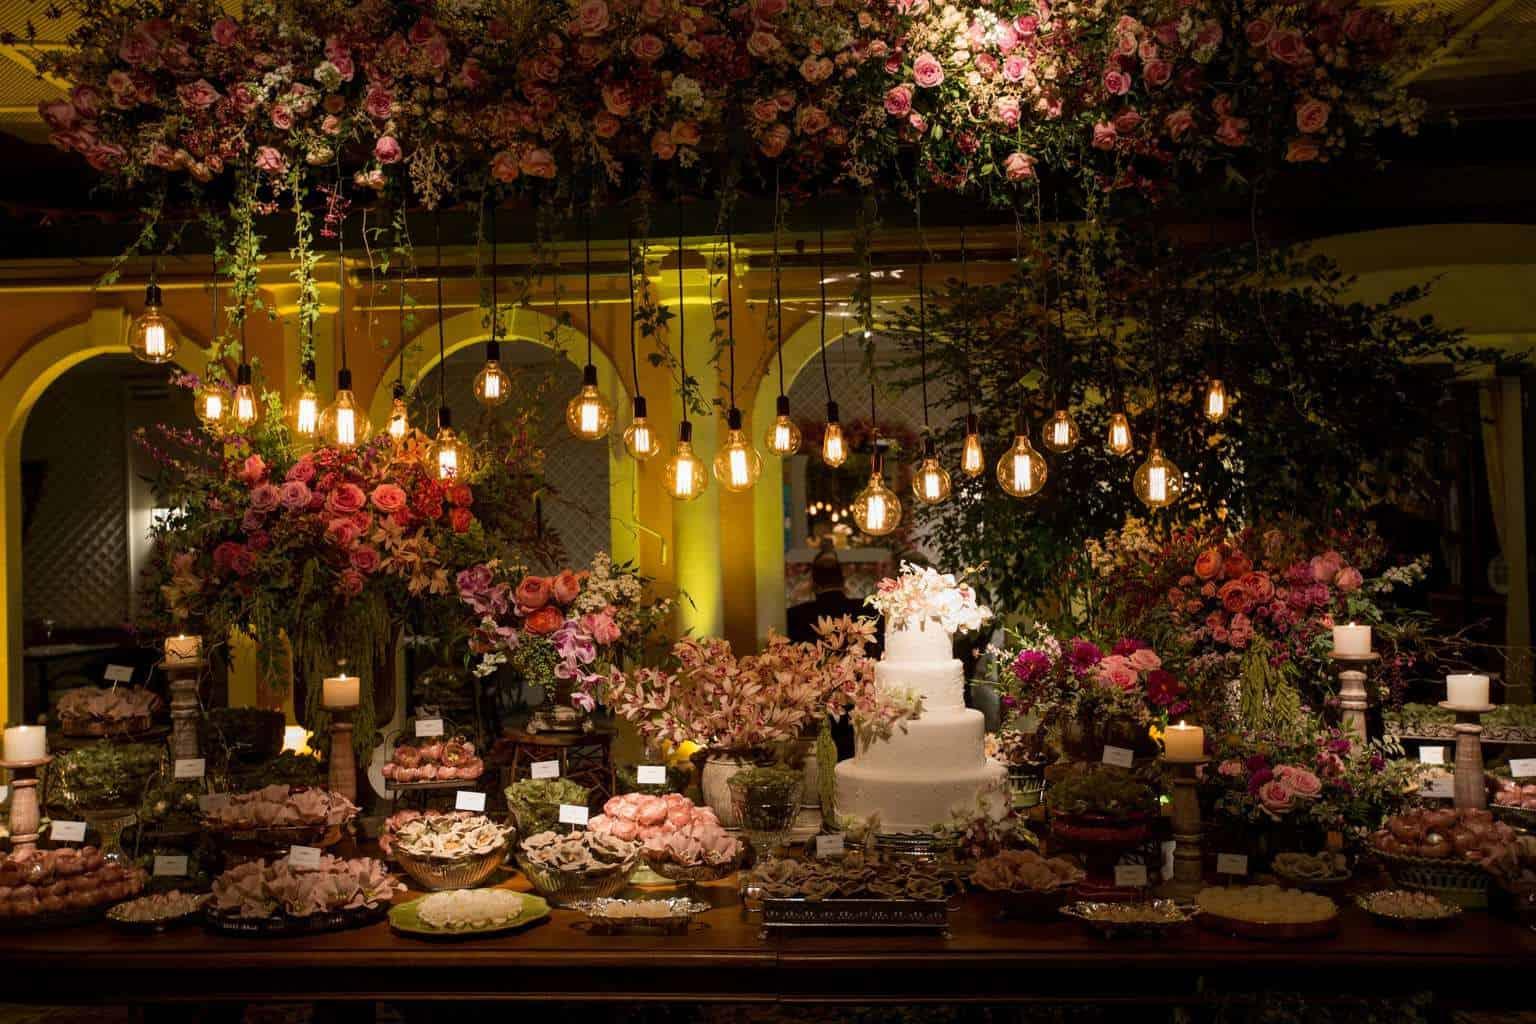 Andrea-Kapps-casamento-de-dia-casamento-na-serra-casamento-romântico-casamento-tradicional-festa-Locanda-de-La-Mimosa-rosa-e-lilás-casamento-42